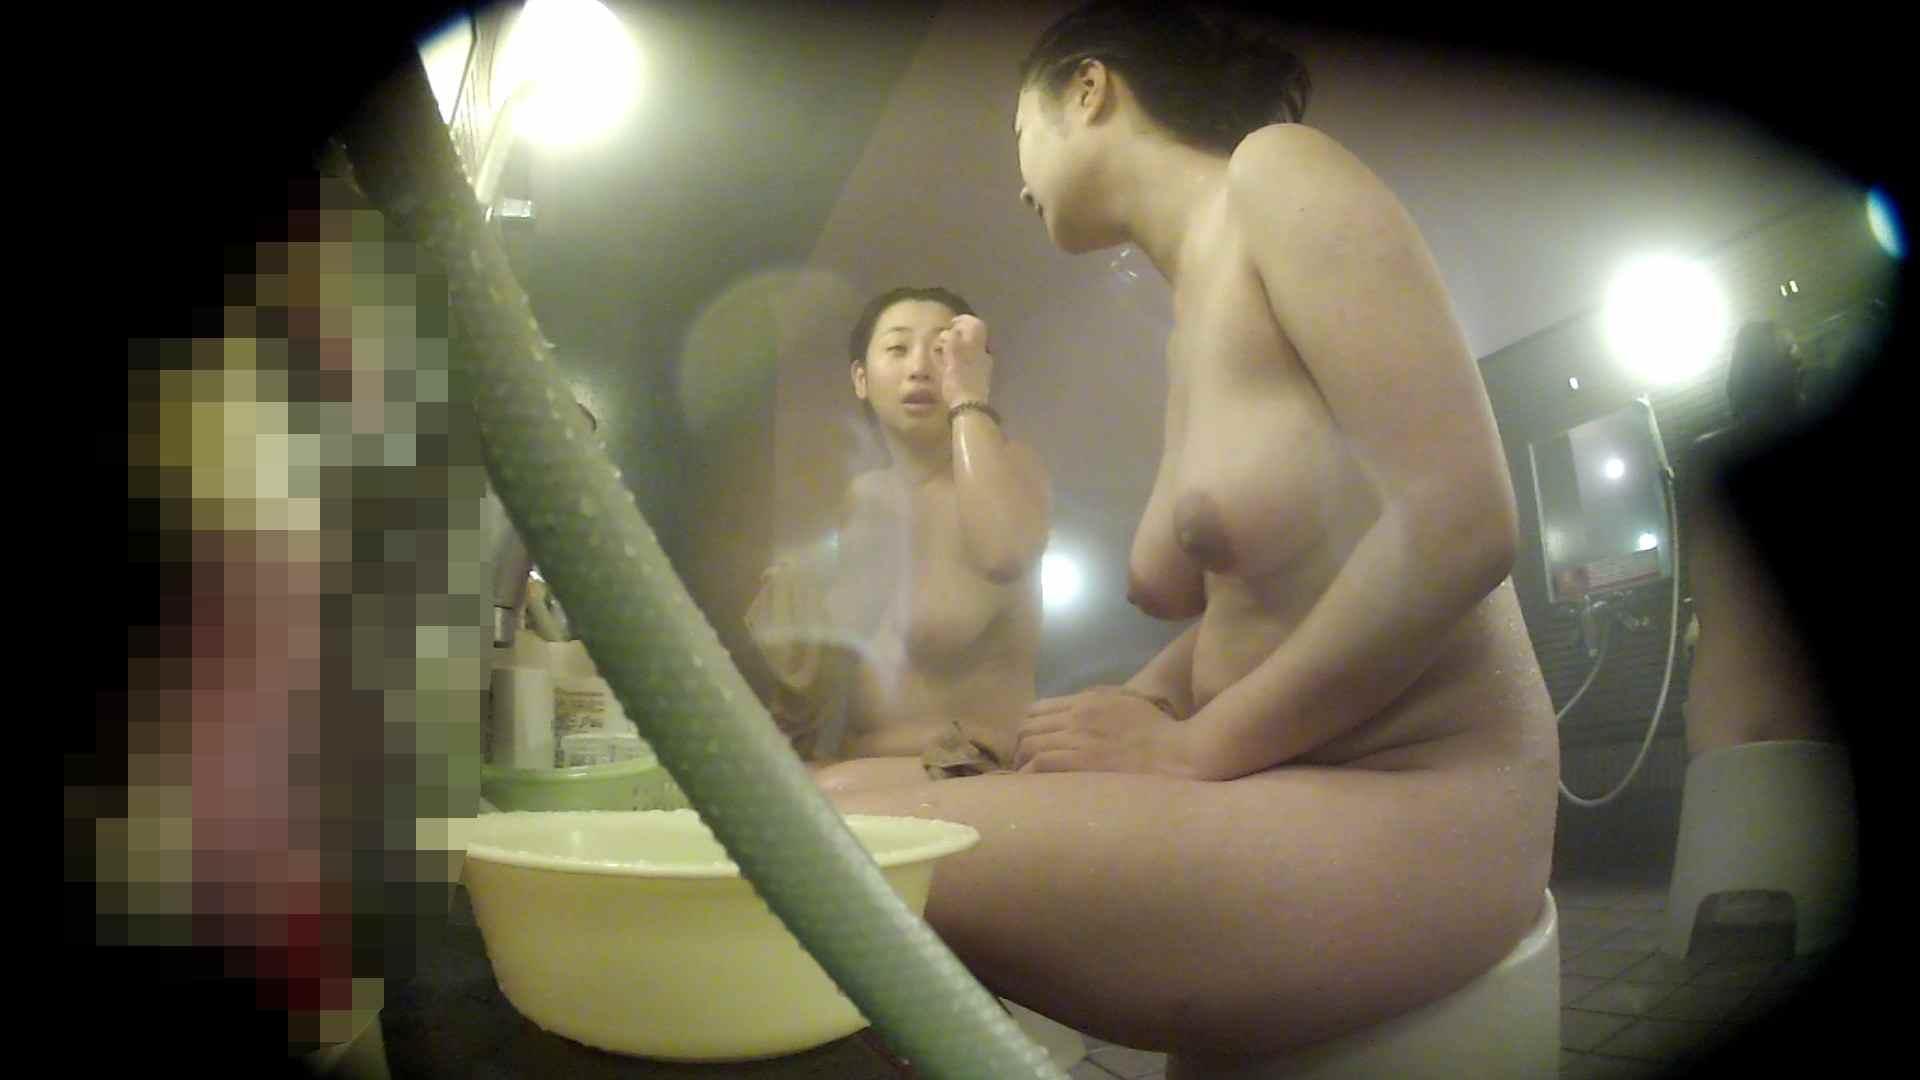 ハイビジョン 洗い場!豊満な乳が大地へと・・・乳輪の大きさは人それぞれ 銭湯覗き 濡れ場動画紹介 62枚